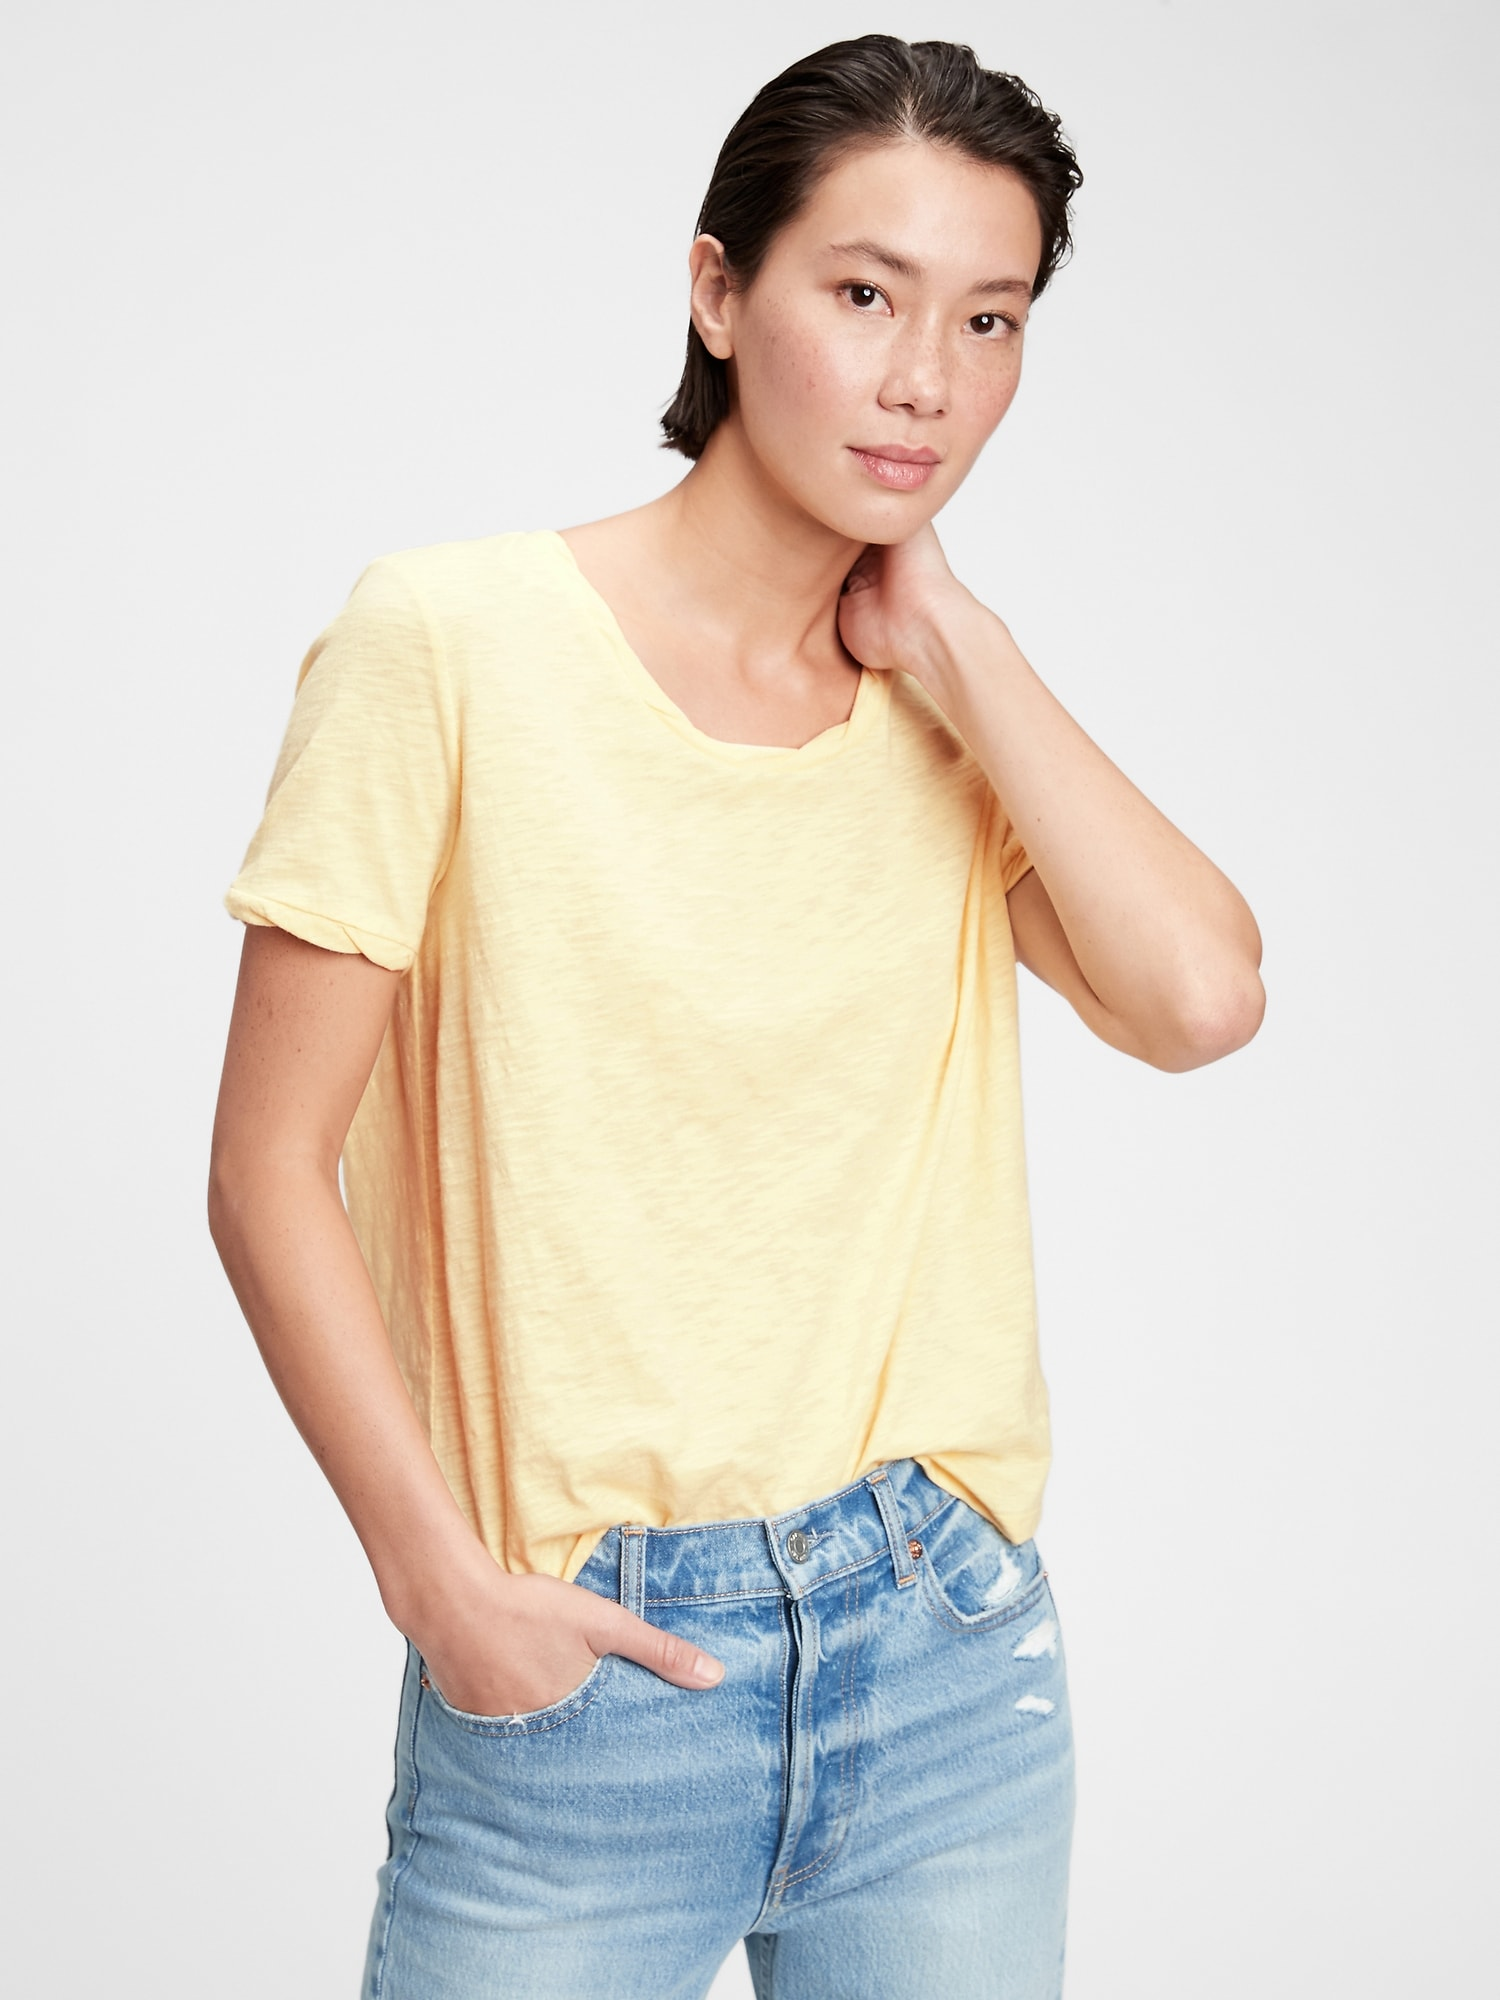 ジェネレーション・グッド Tシャツ